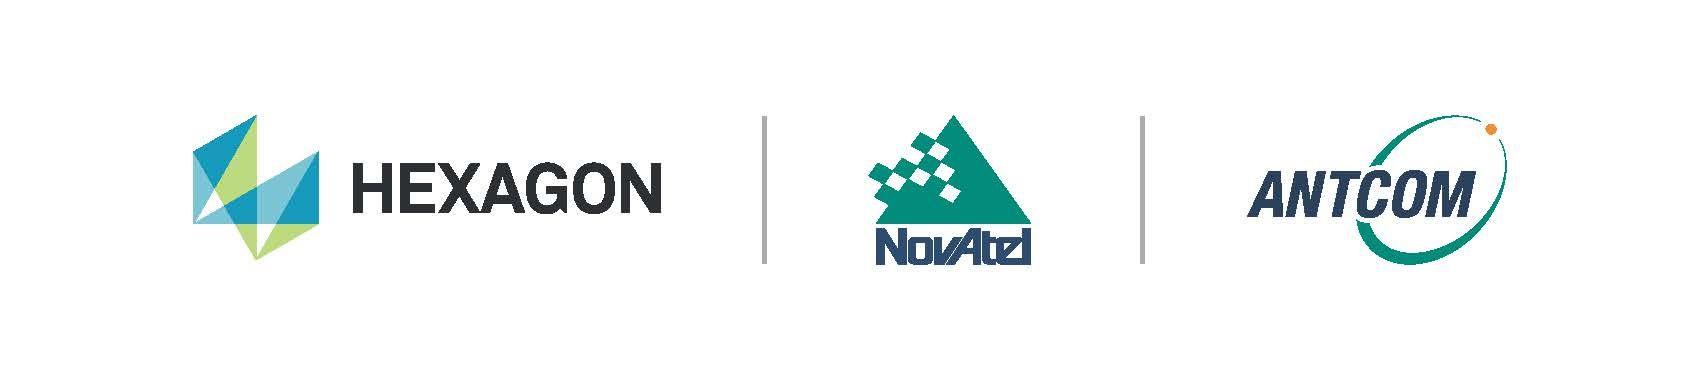 NovAtel & Antcom